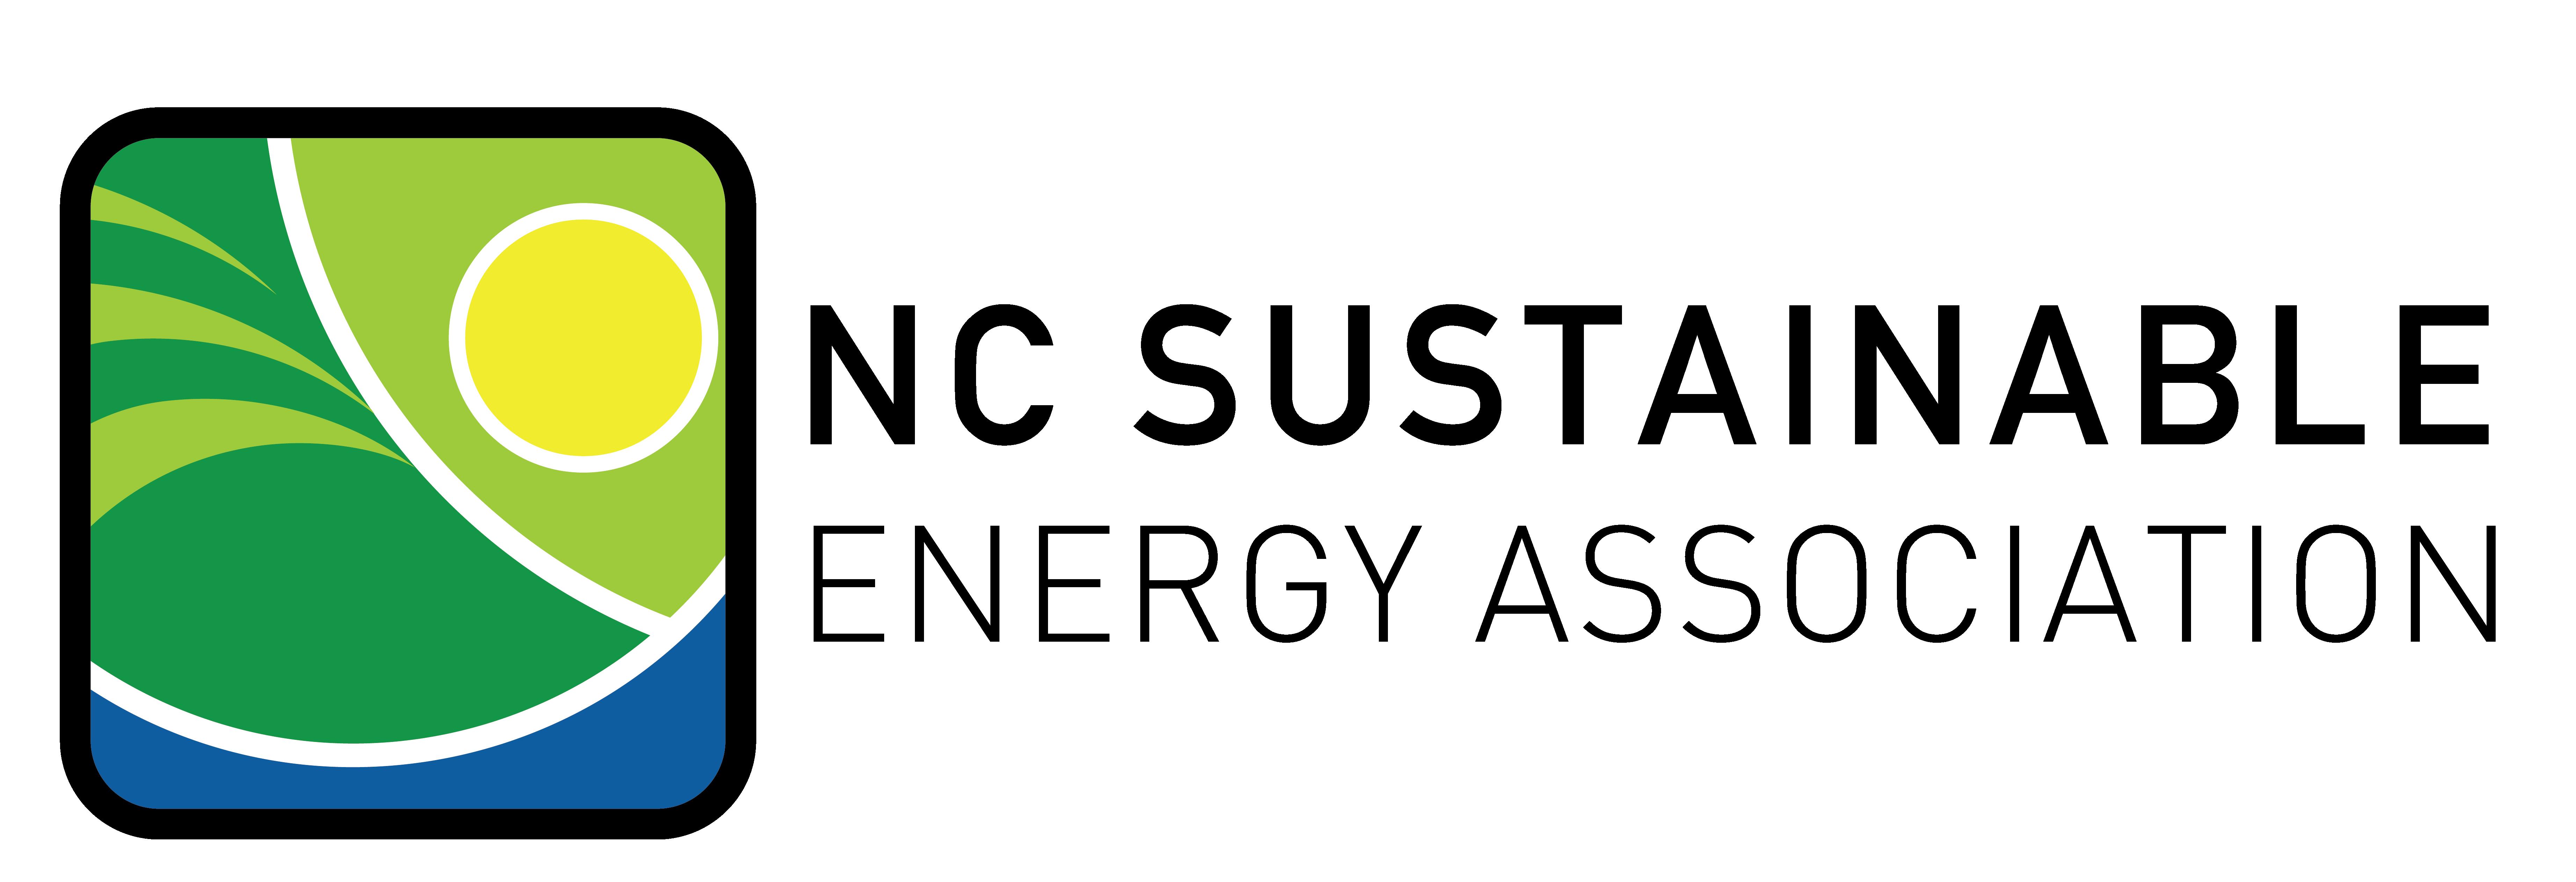 NCSEA_Black_horizontal_logo_1